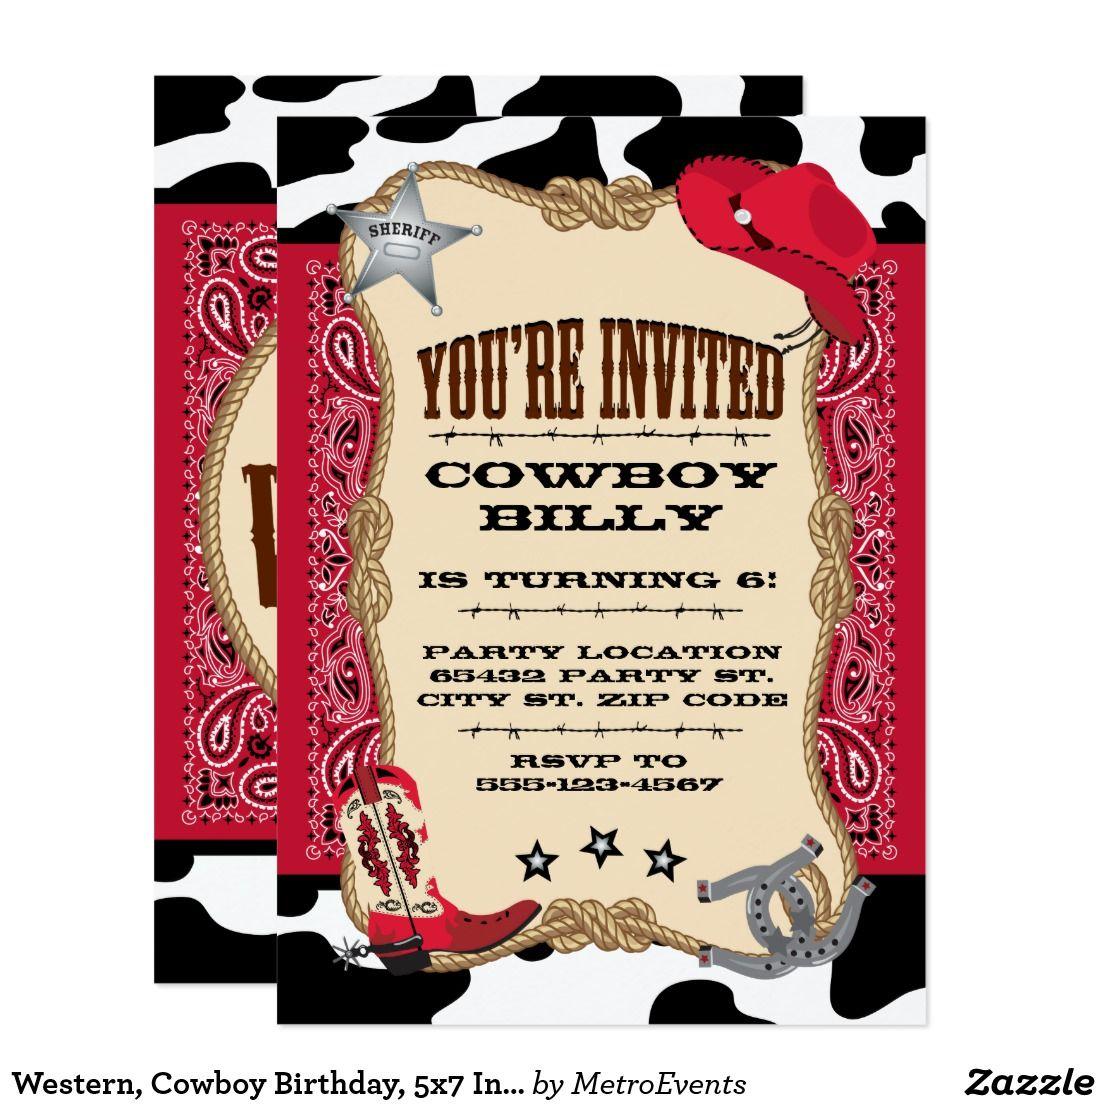 Western, Cowboy Birthday, 5x7 Invitation | Cowboy party invitations ...